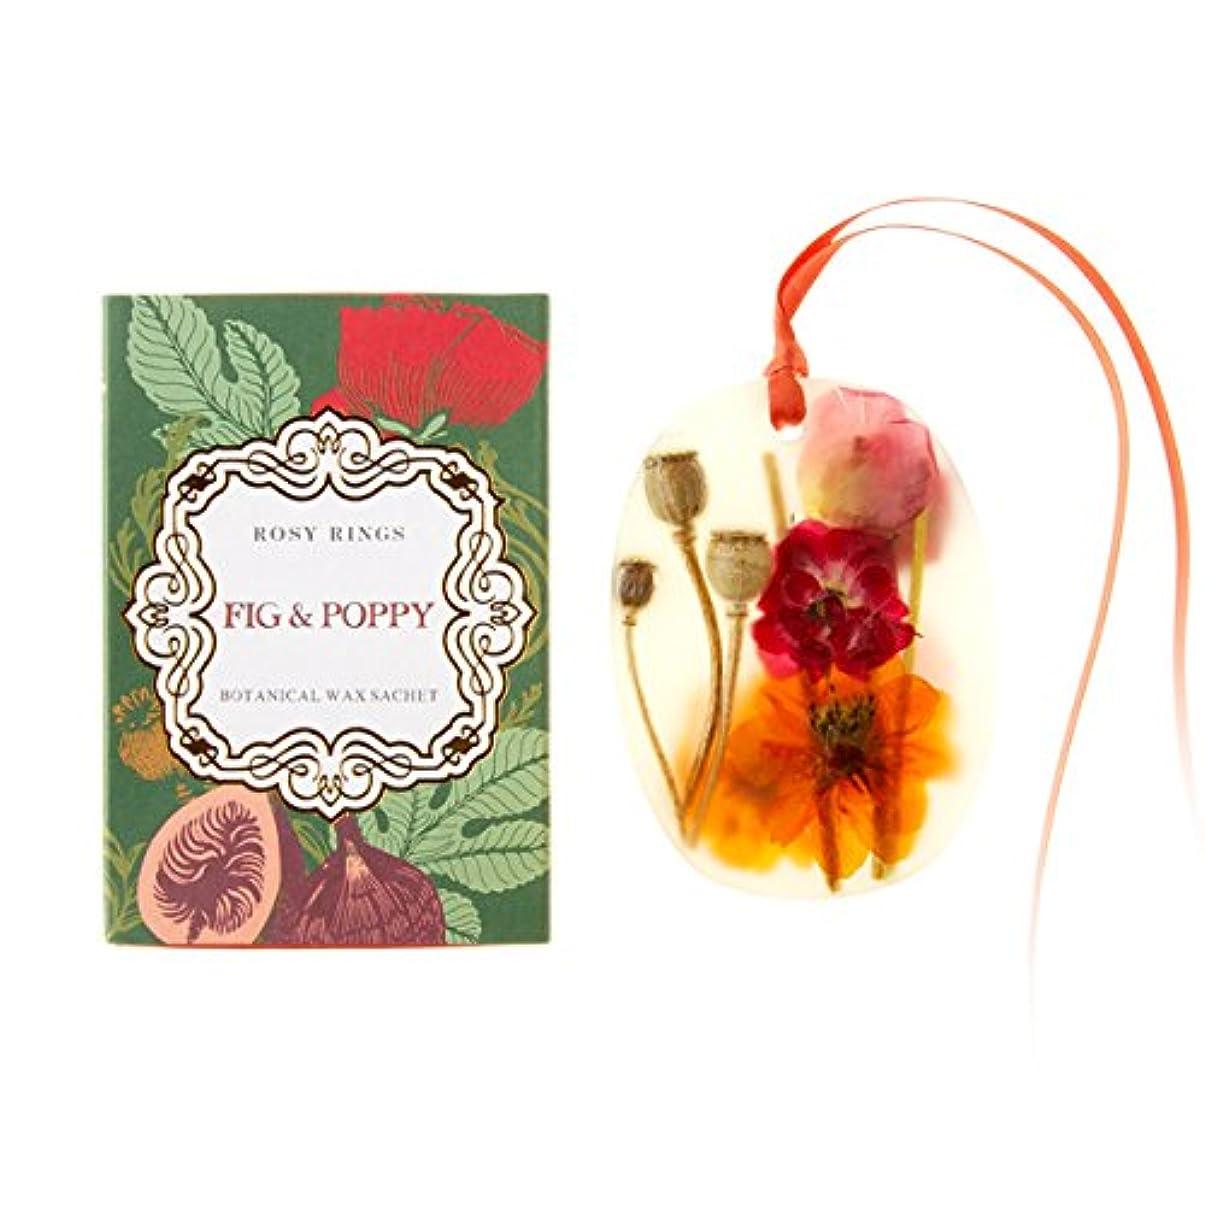 繕う神経衰弱食用ロージーリングス プティボタニカルサシェ フィグ&ポピー ROSY RINGS Petite Oval Botanical Wax Sachet Fig & Poppy